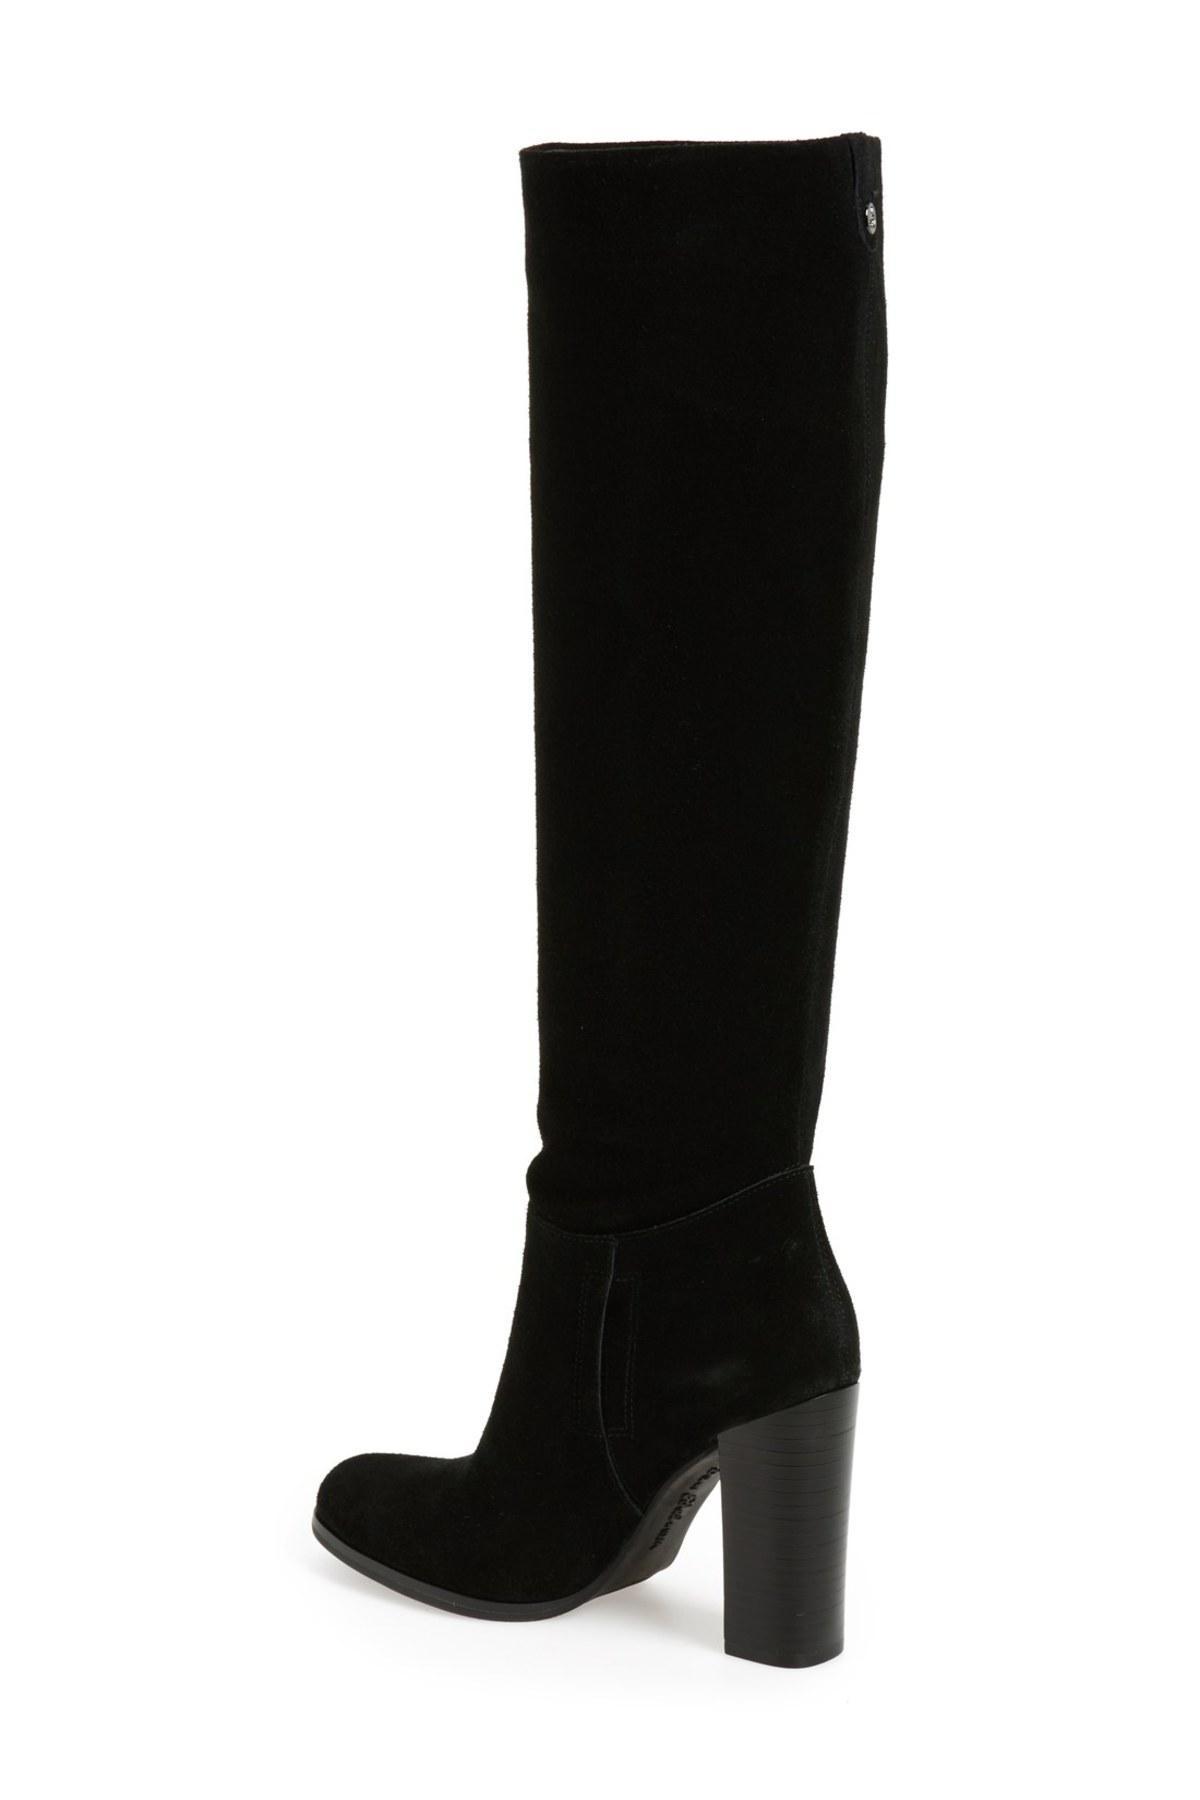 e42e82ff89ae36 Lyst - Sam Edelman Victoria Slouch Boot in Black